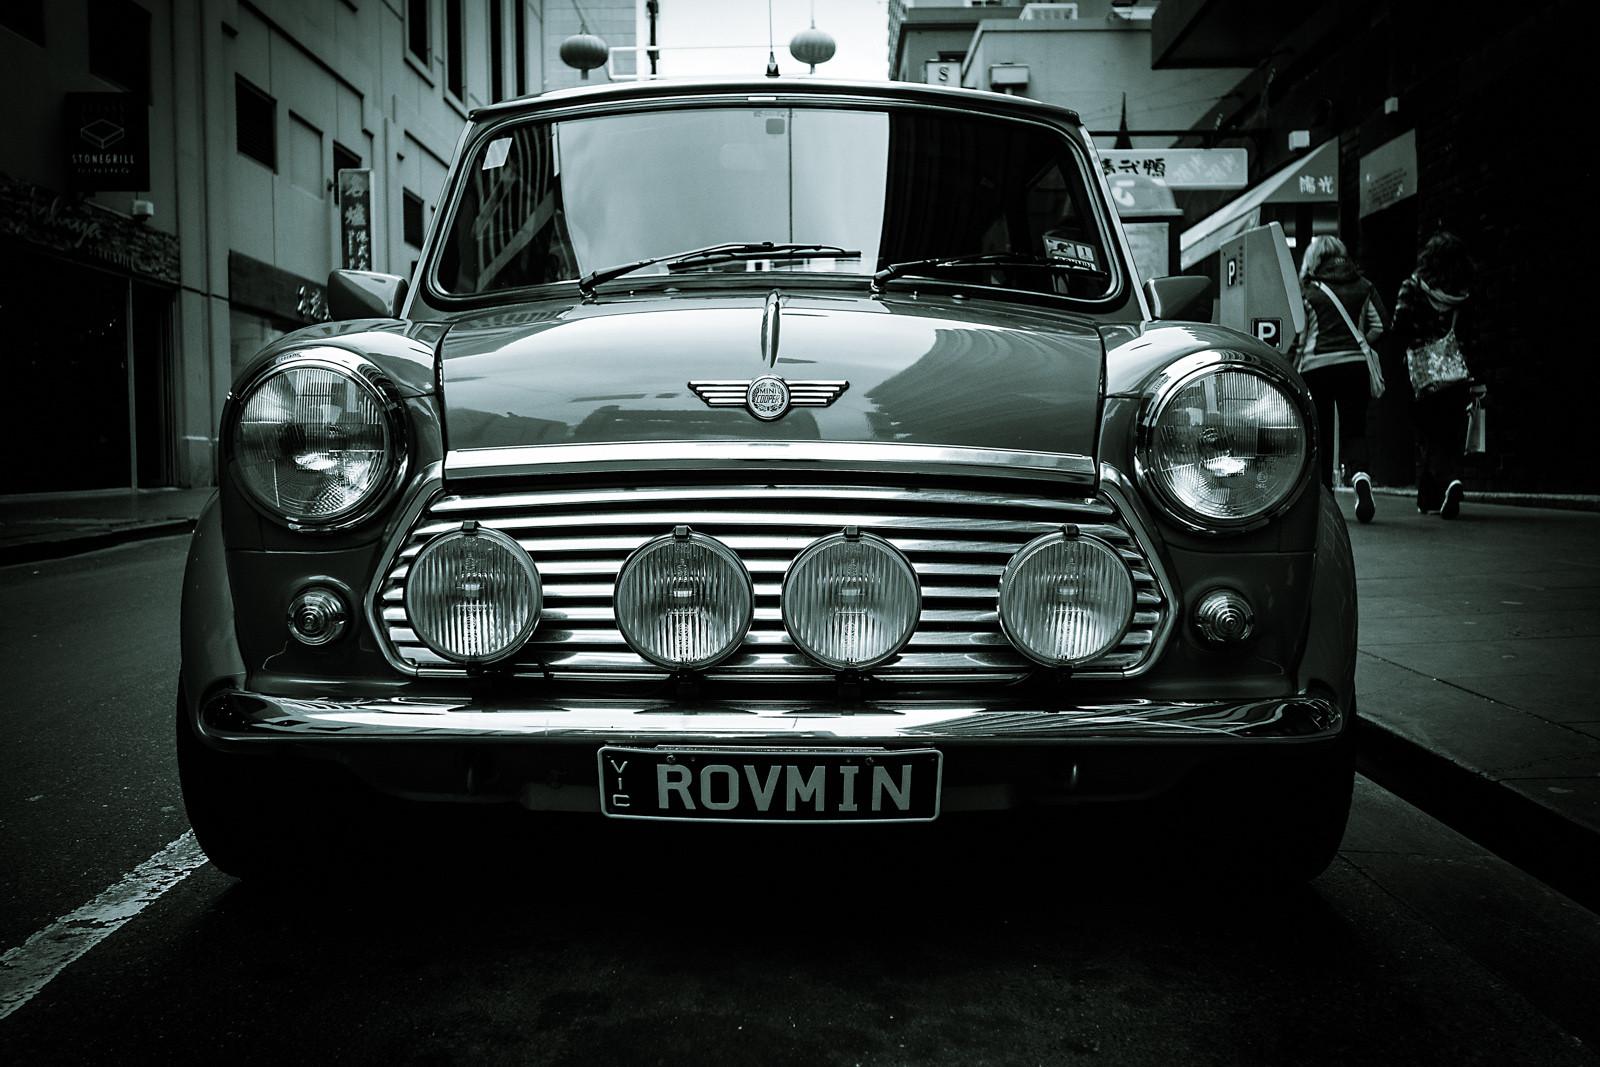 Wallpaper Monochrome Vintage Car Mini Cooper Rover Melbourne